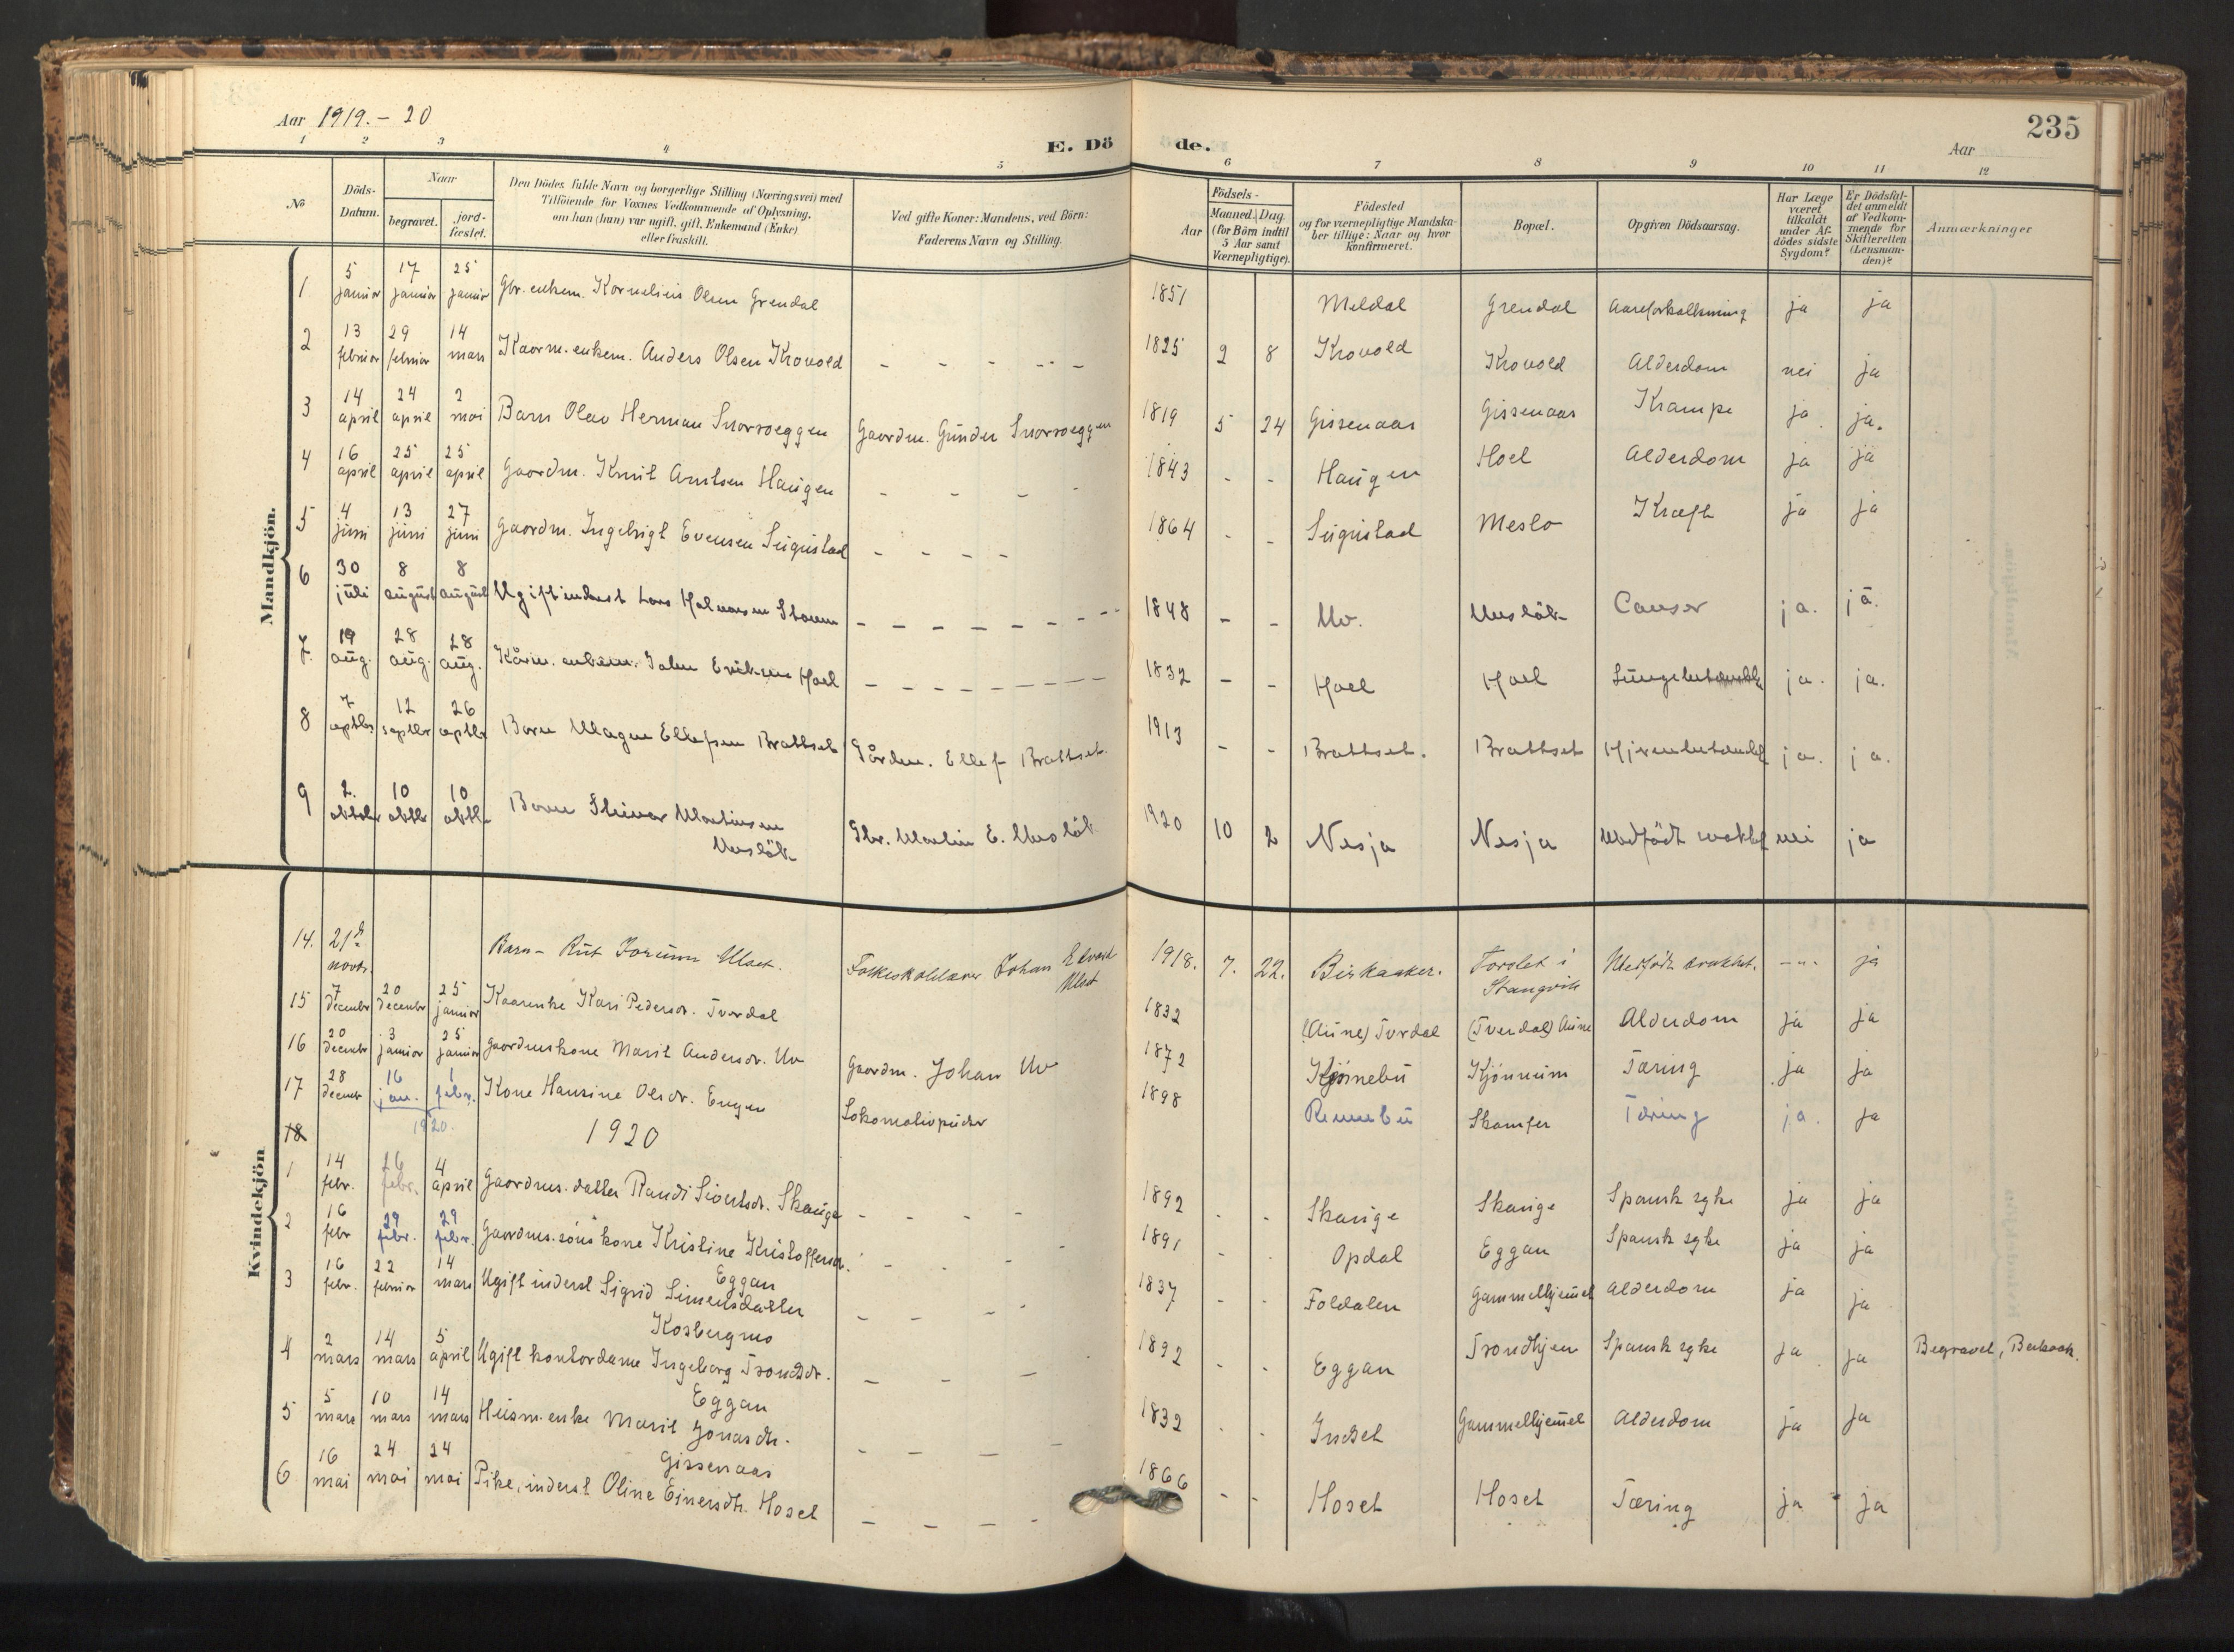 SAT, Ministerialprotokoller, klokkerbøker og fødselsregistre - Sør-Trøndelag, 674/L0873: Ministerialbok nr. 674A05, 1908-1923, s. 235